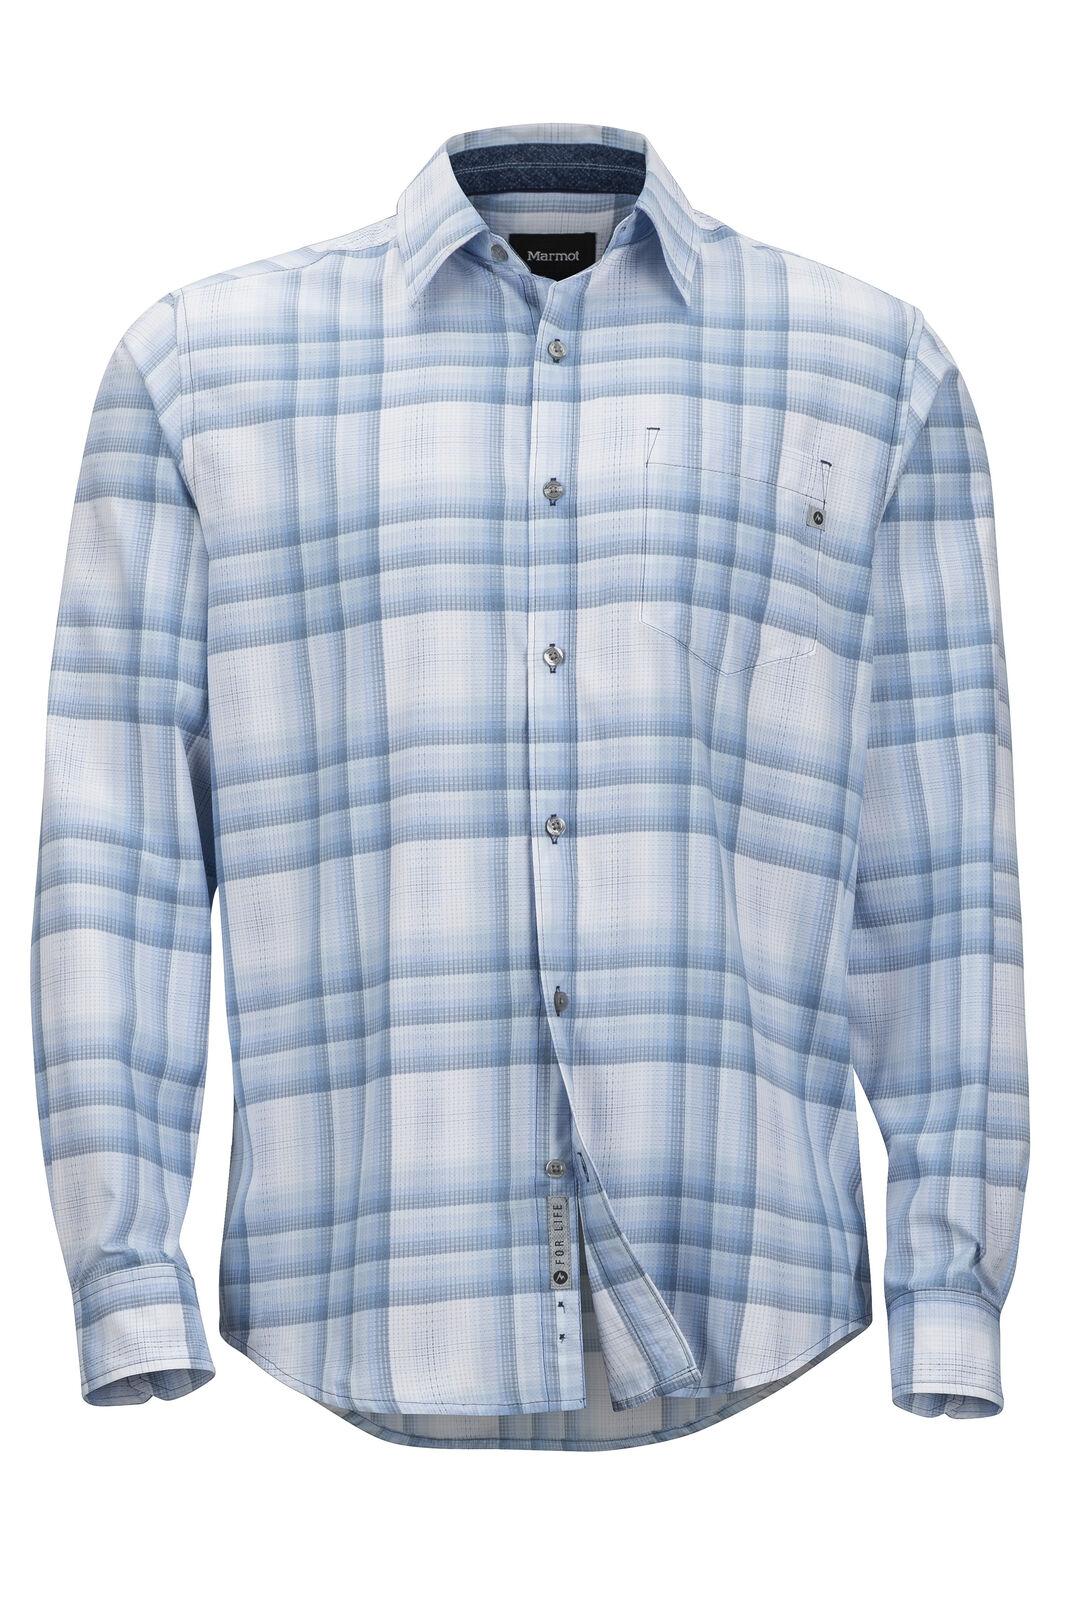 Marmot Zephyr LS Outdoorshirt (vintage-navy)